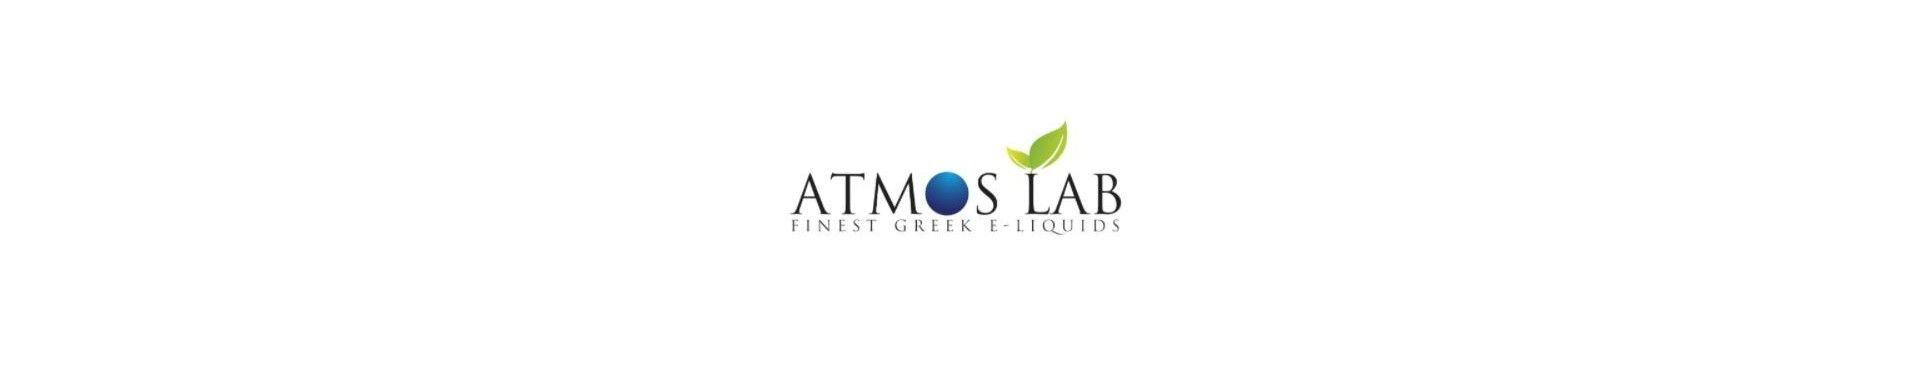 Atmos Lab (Aroma)